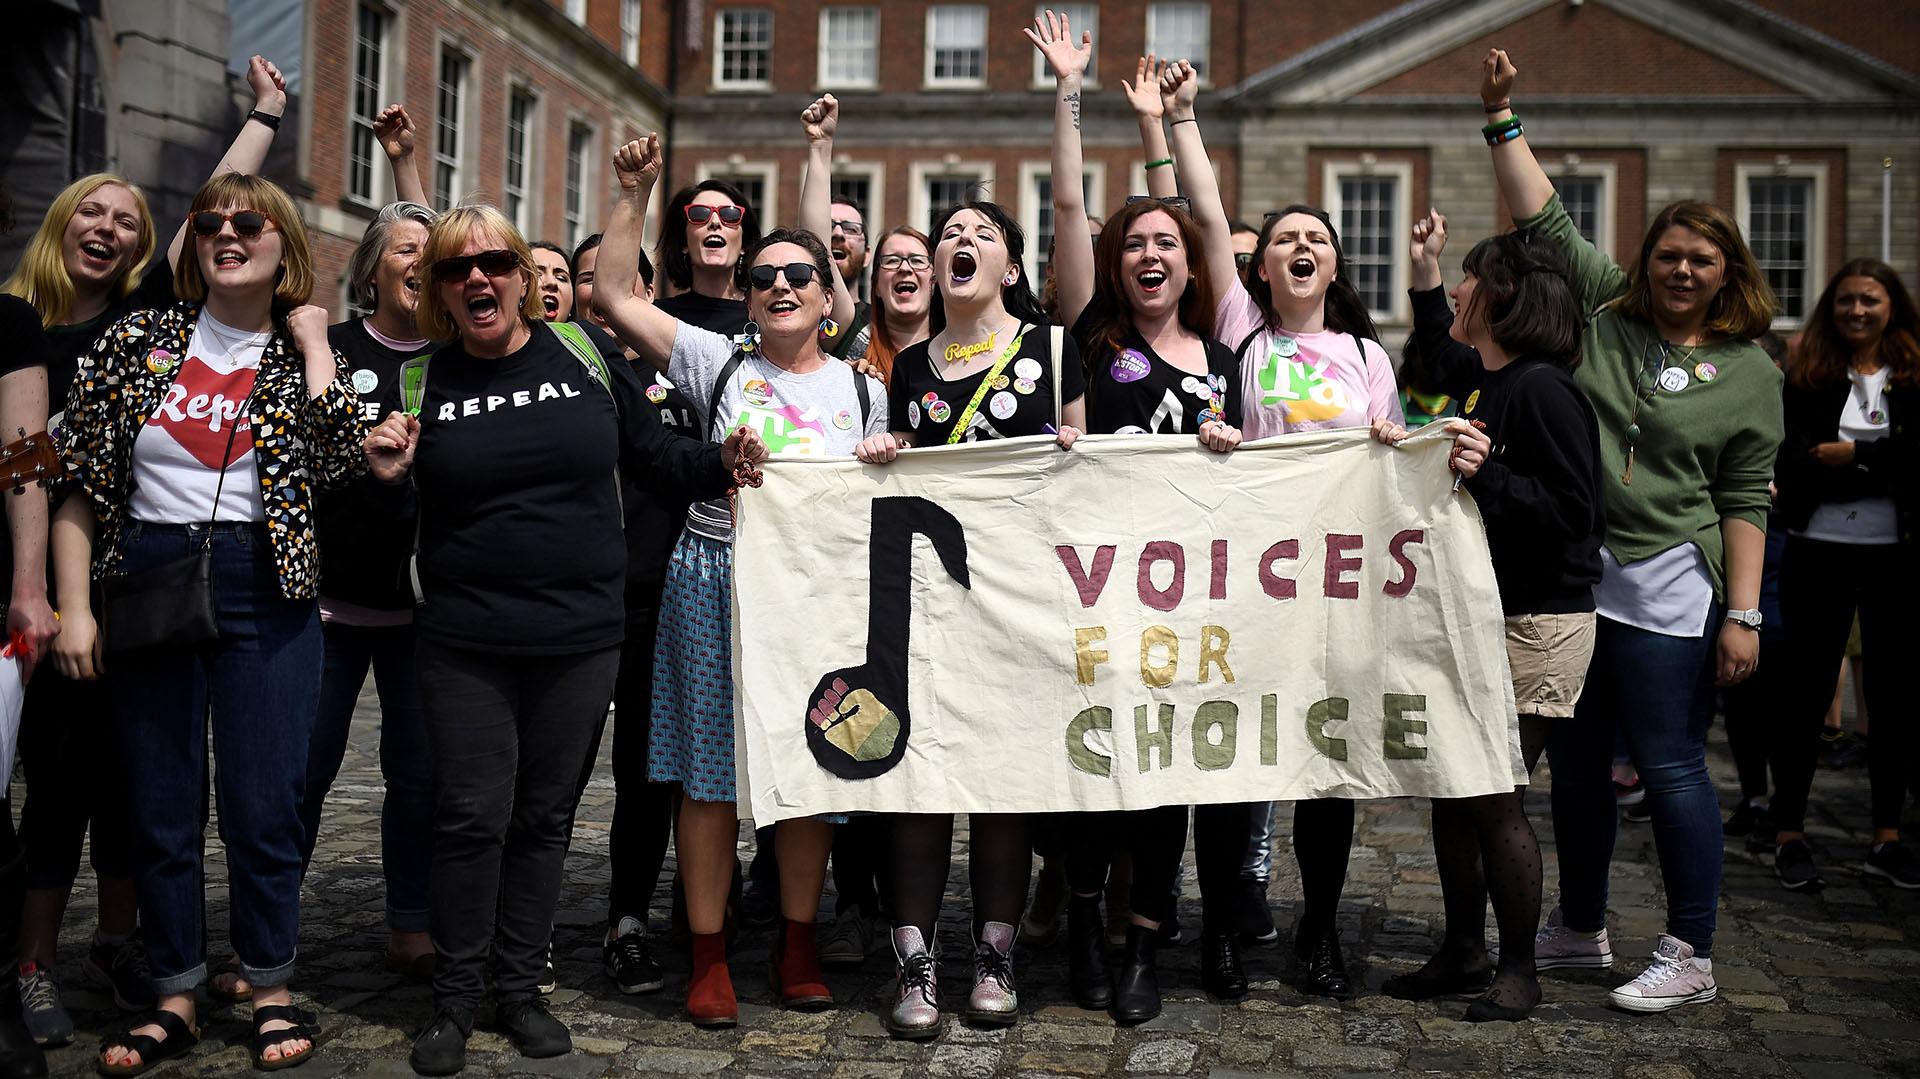 Mujeres en las celebraciones de la liberalización de la ley de aborto en Irlanda (REUTERS/Clodagh Kilcoyne)